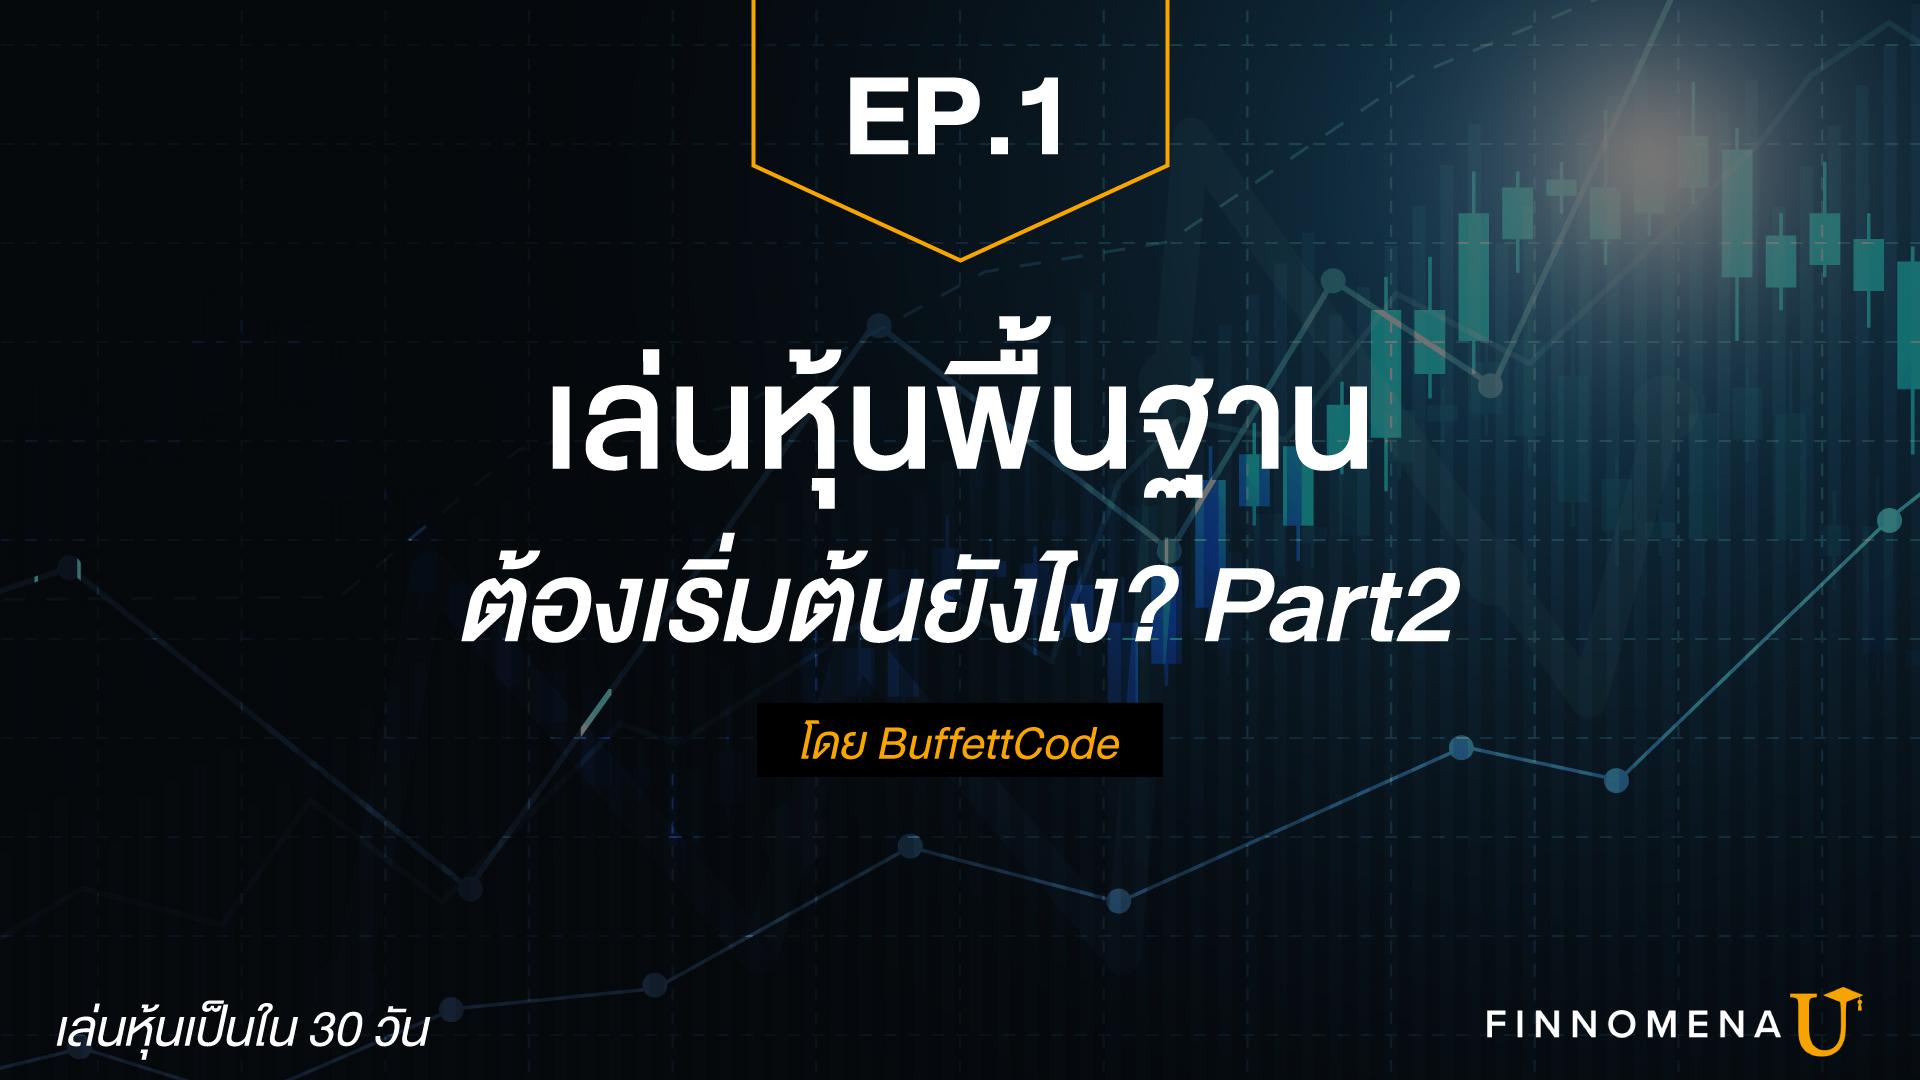 EP. 1 – เล่นหุ้นพื้นฐานต้องเริ่มต้นยังไง? – เล่นหุ้นเป็นใน 30 วัน-part2